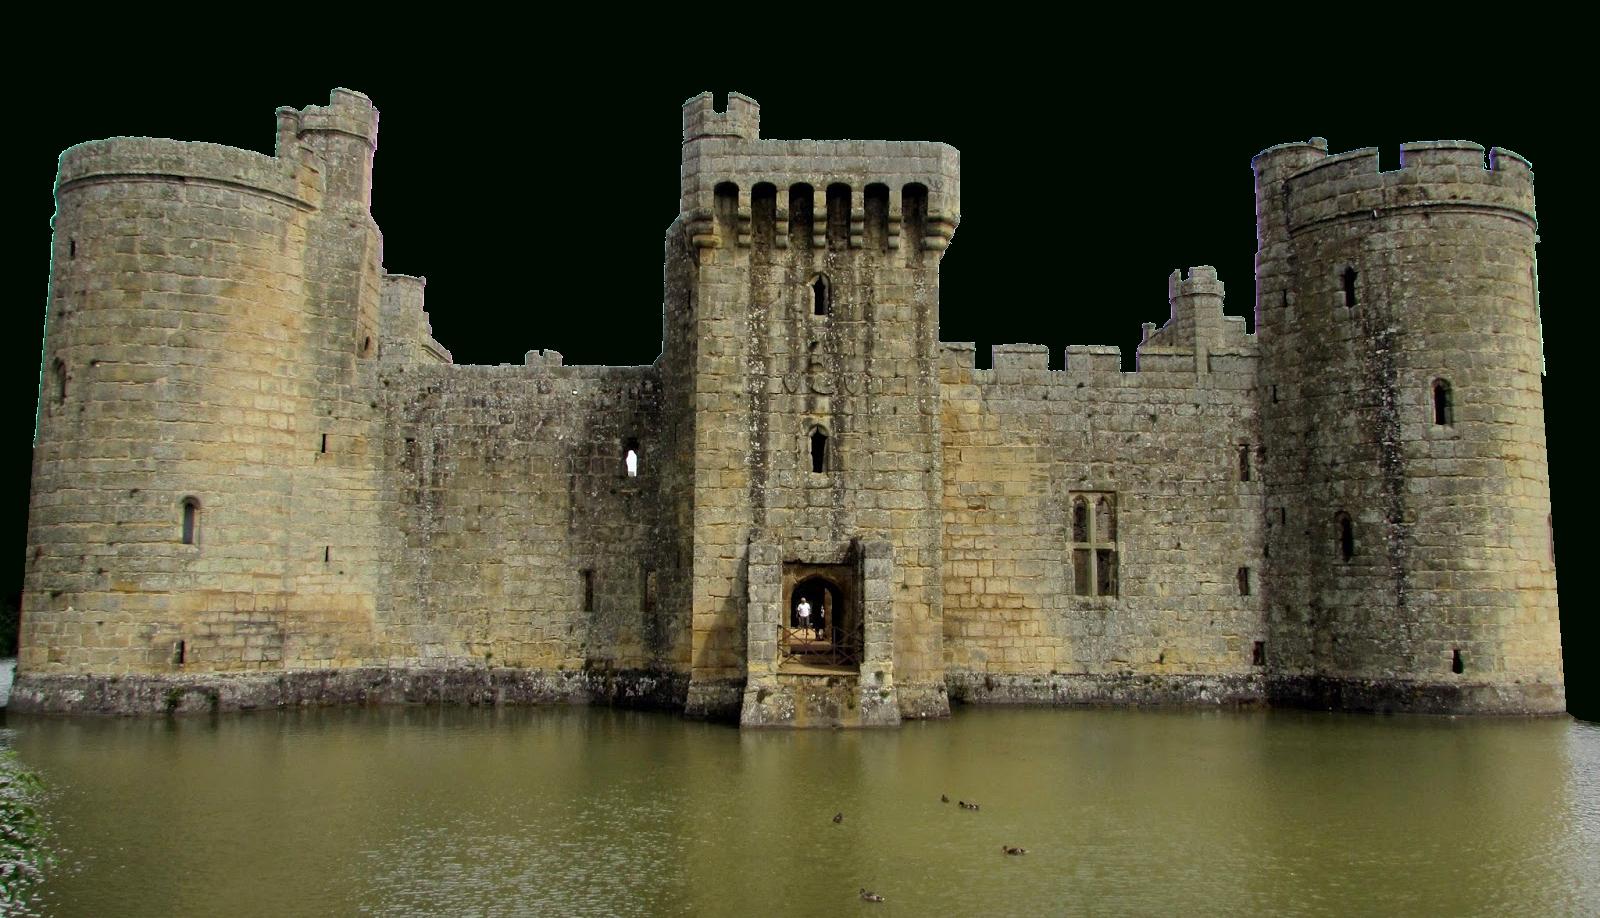 Château Bodiam, Merveille De L'Architecture Médiévale concernant Dessin Chateau Moyen Age